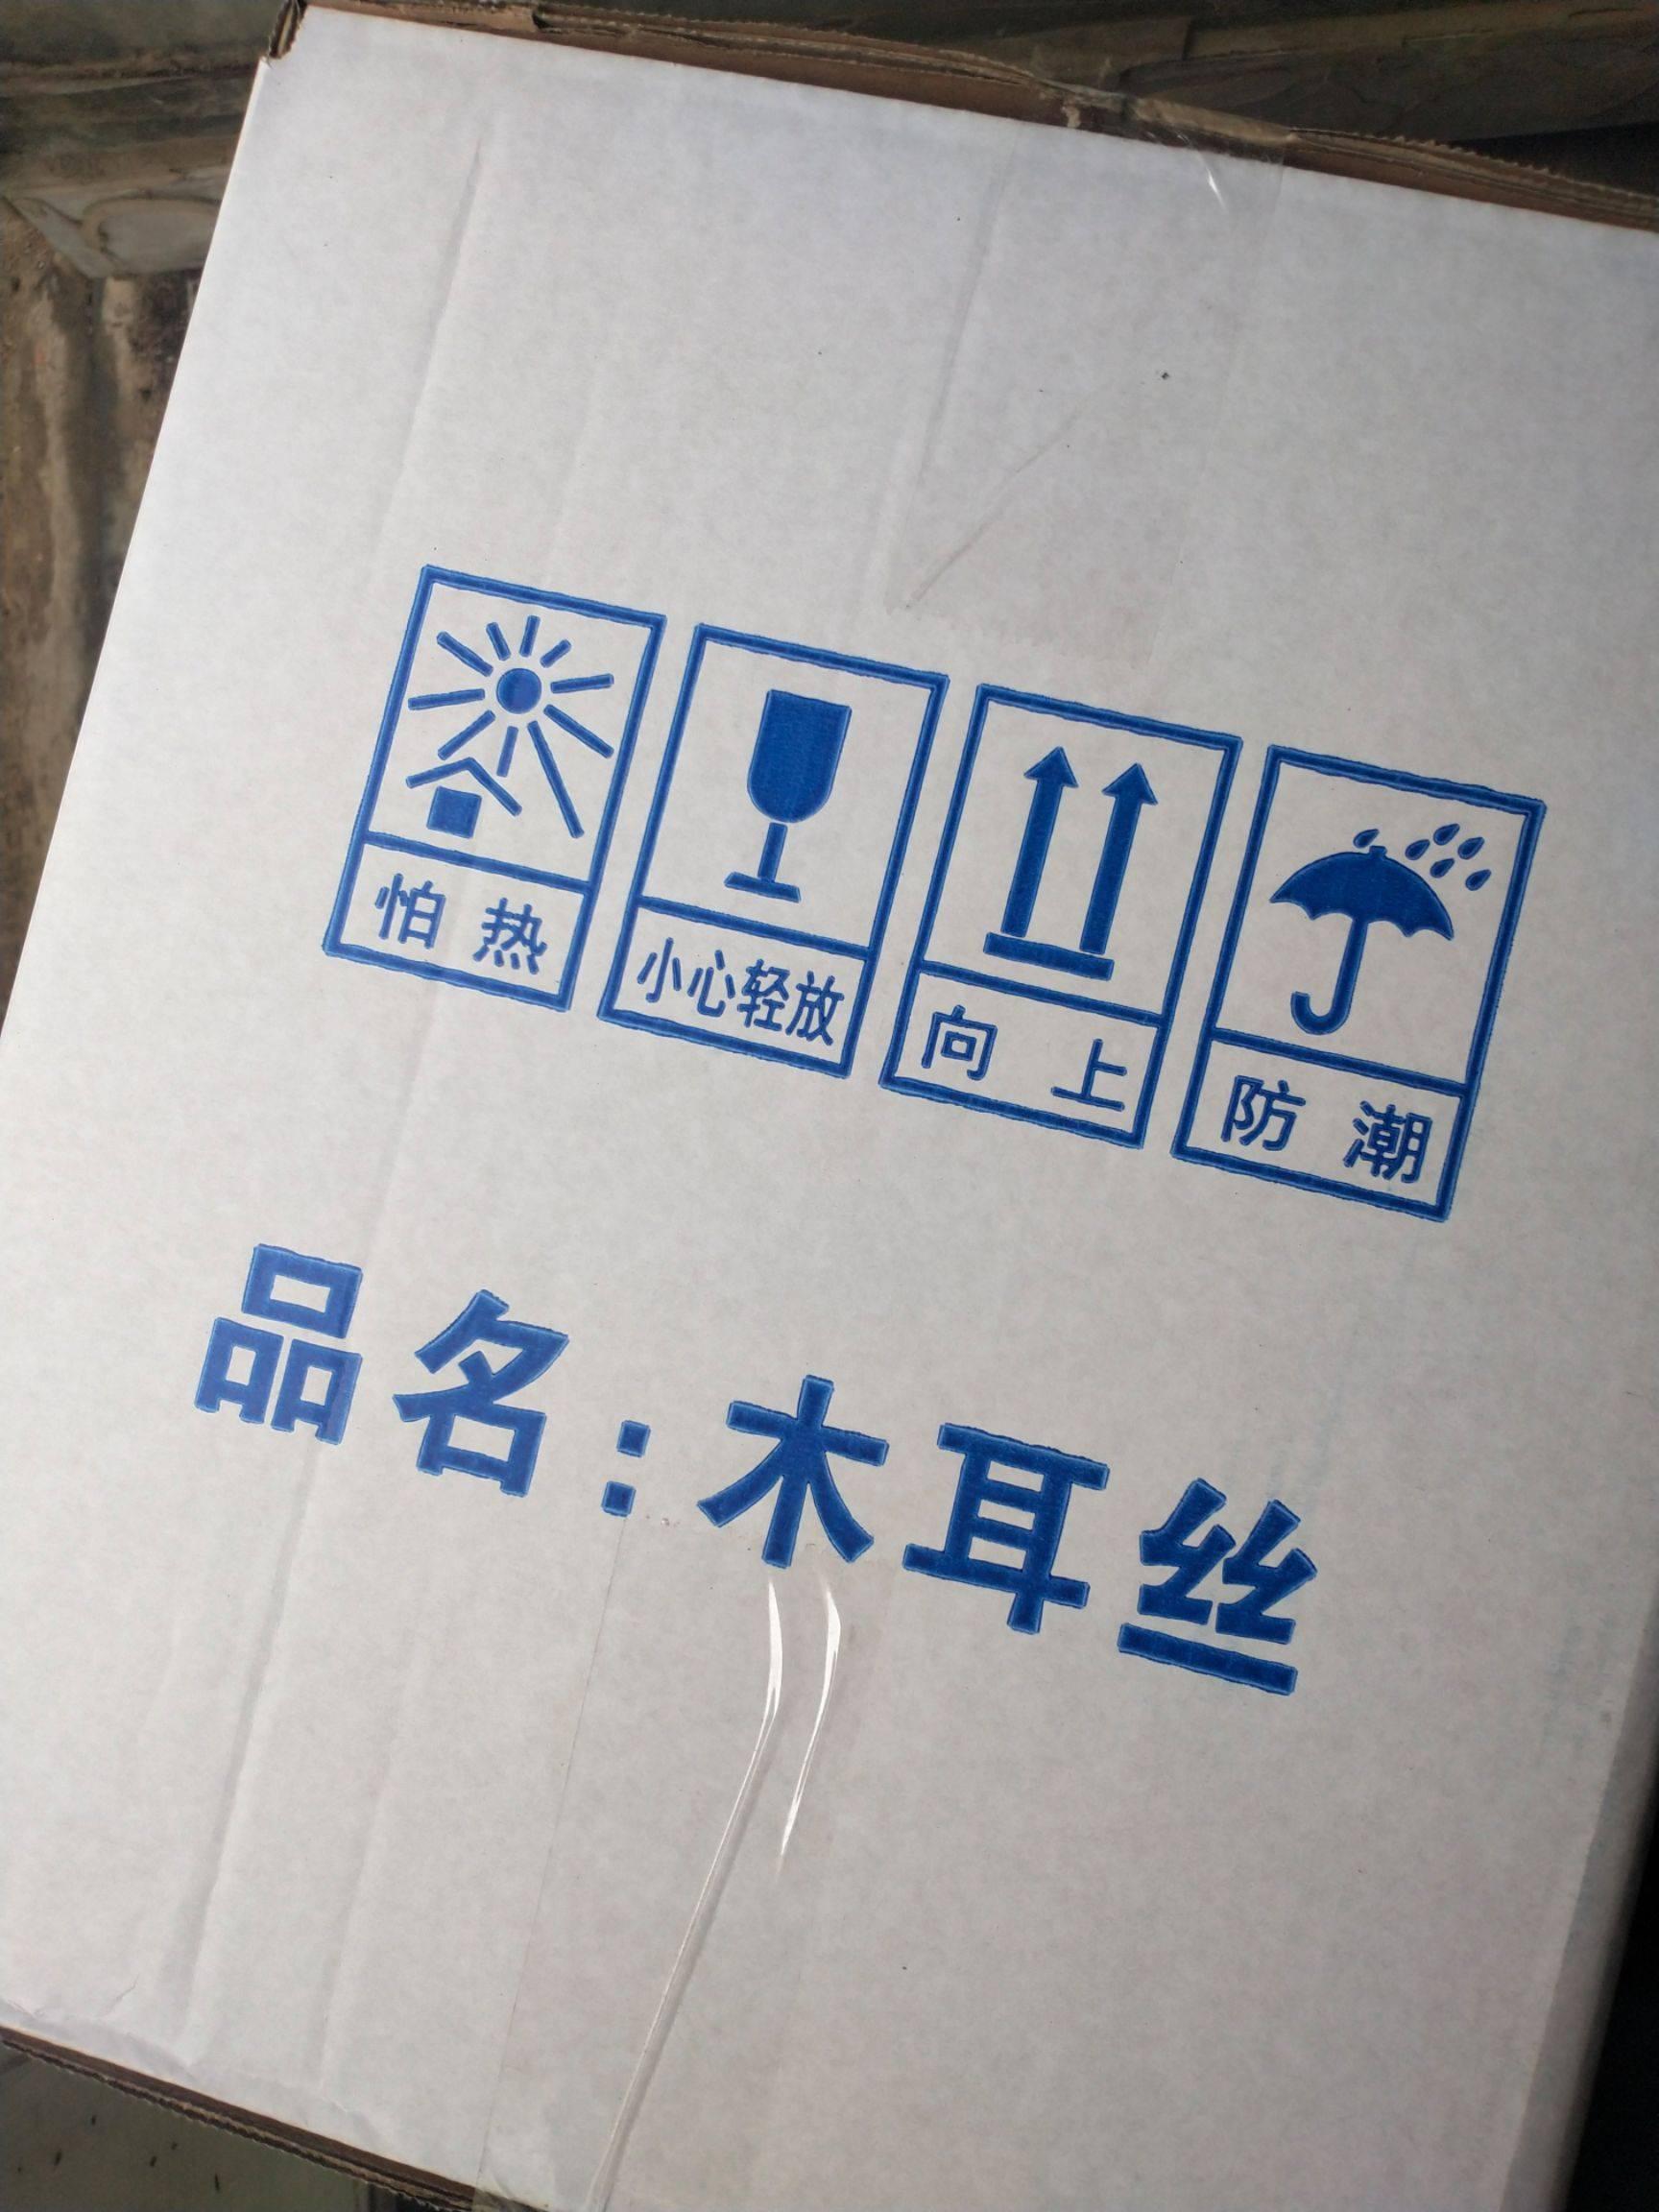 [木耳丝批发] 干木耳丝20斤江浙沪鲁皖包邮全国21个省份包邮价格350元/箱